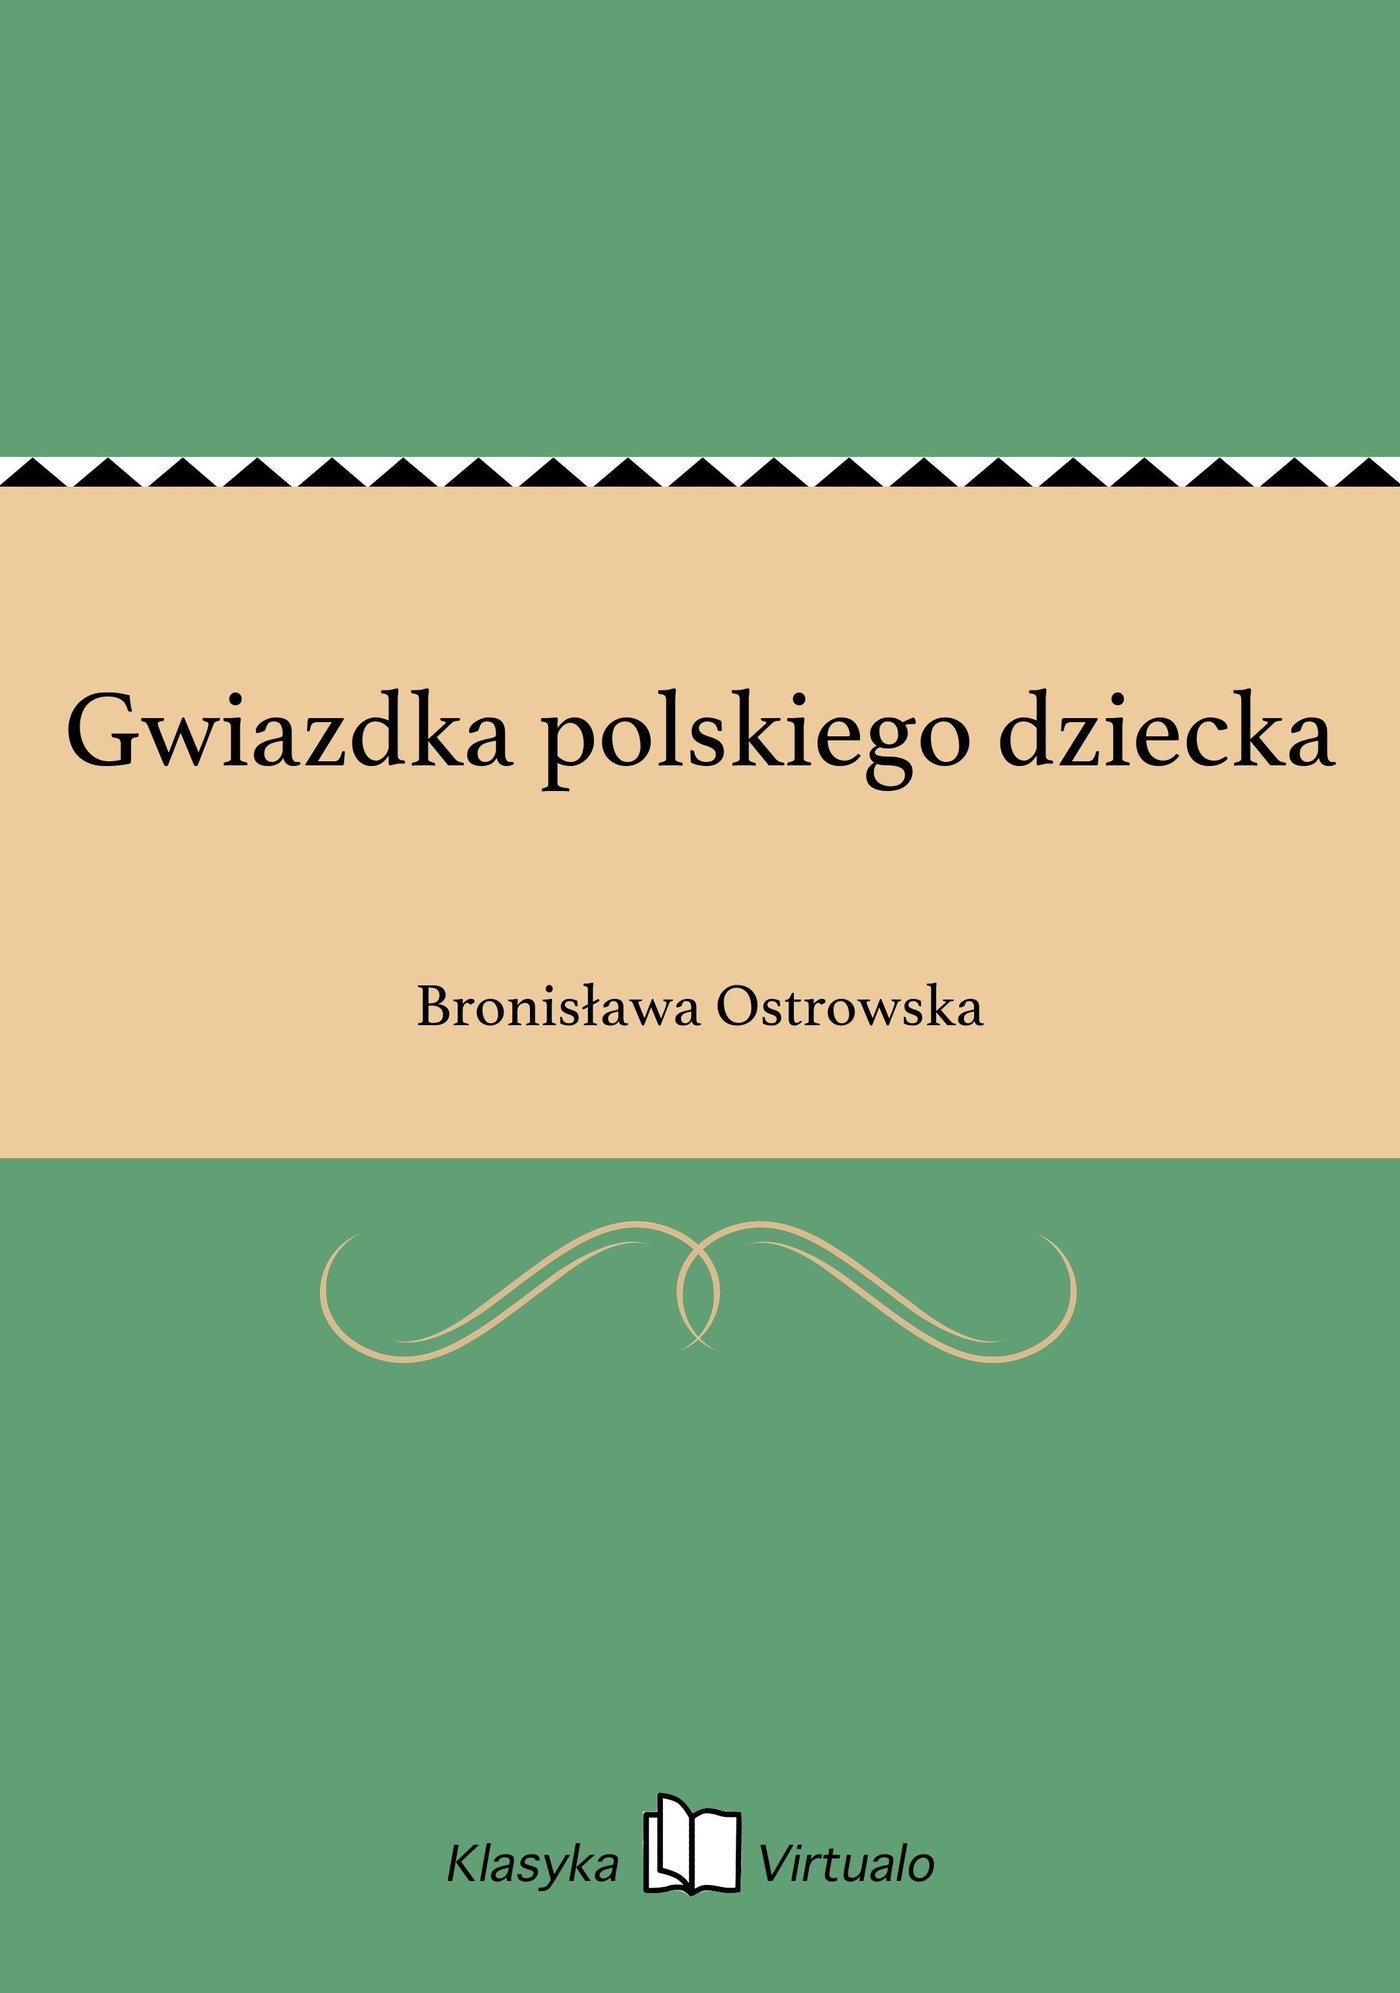 Gwiazdka polskiego dziecka - Ebook (Książka EPUB) do pobrania w formacie EPUB